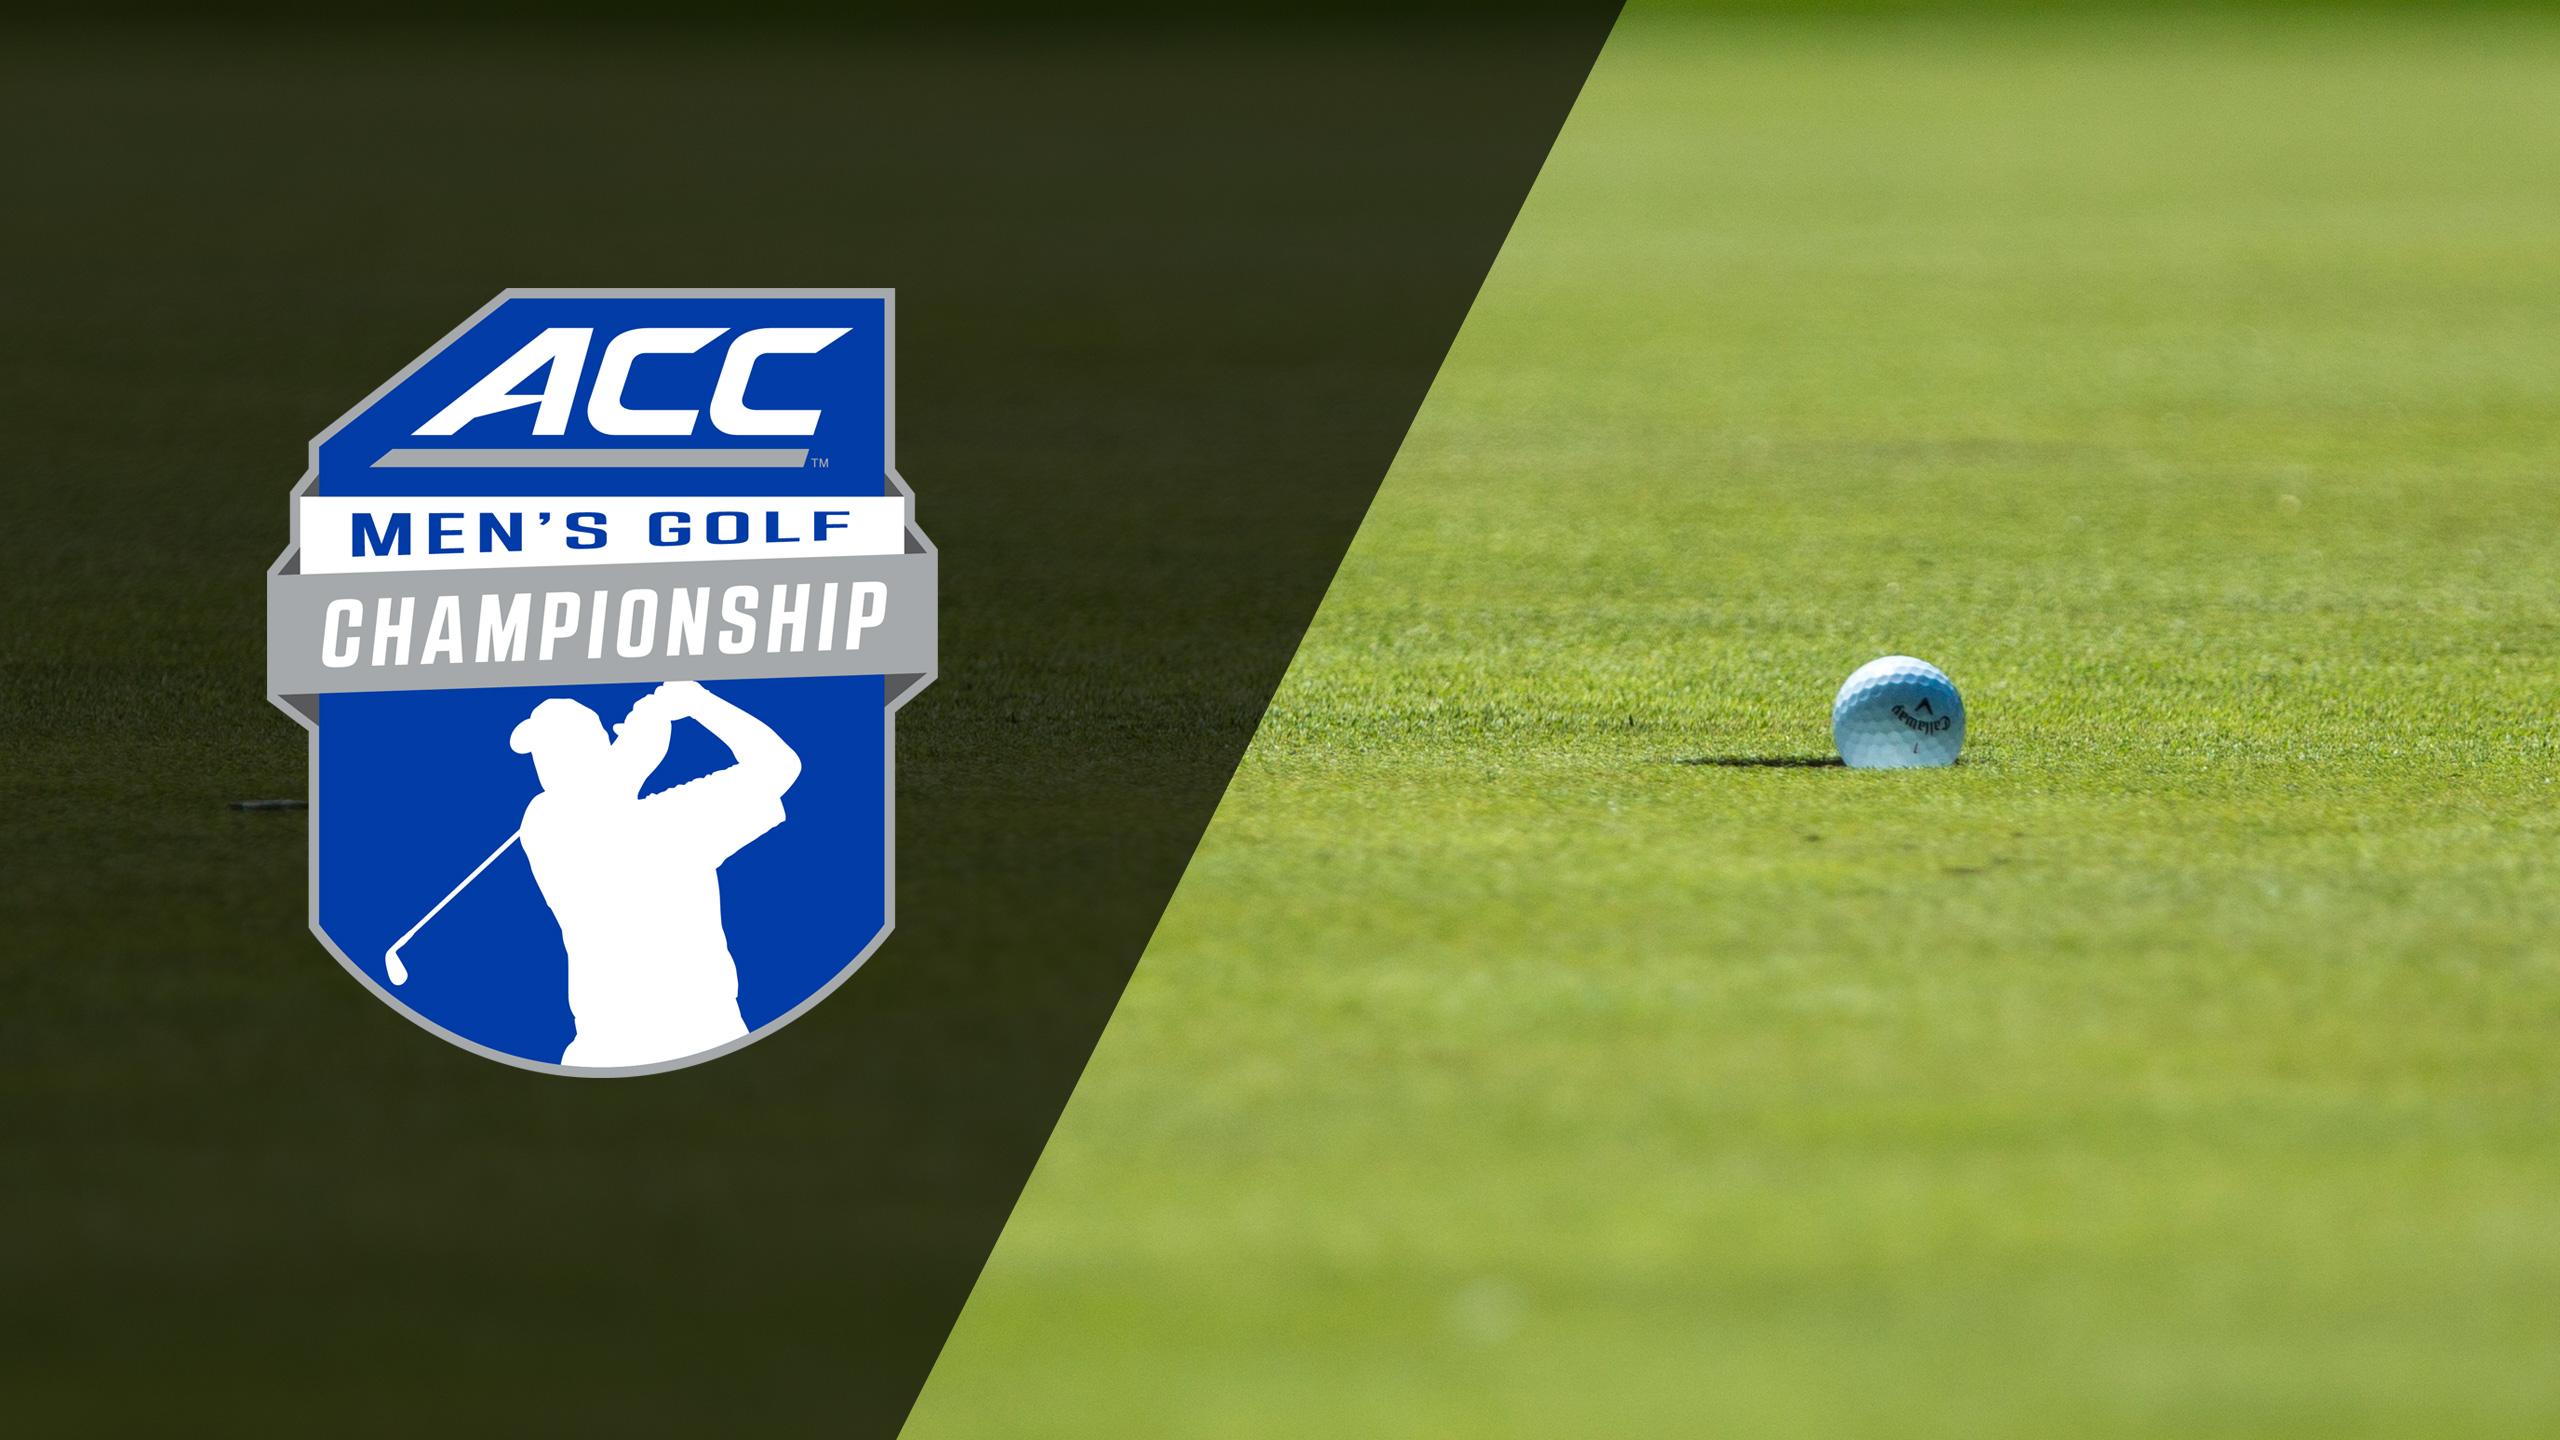 ACC Men's Golf Championship Recap Show